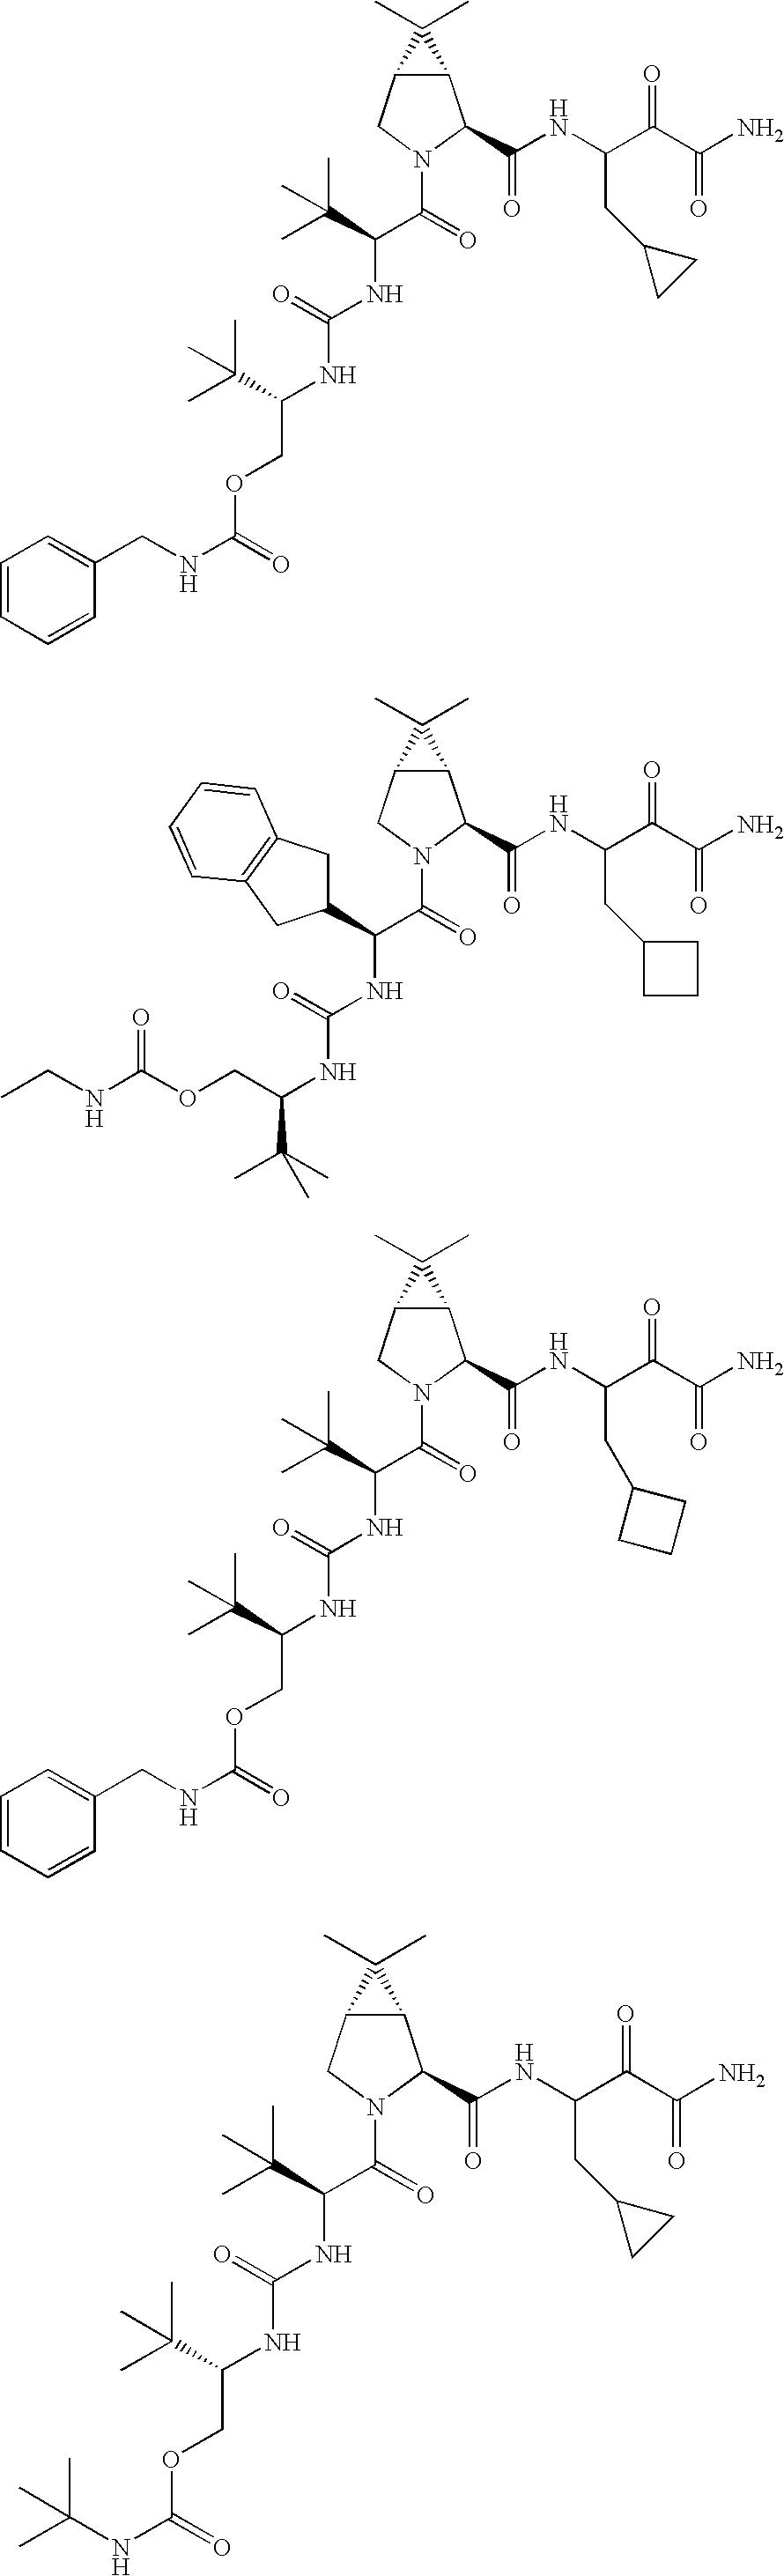 Figure US20060287248A1-20061221-C00364